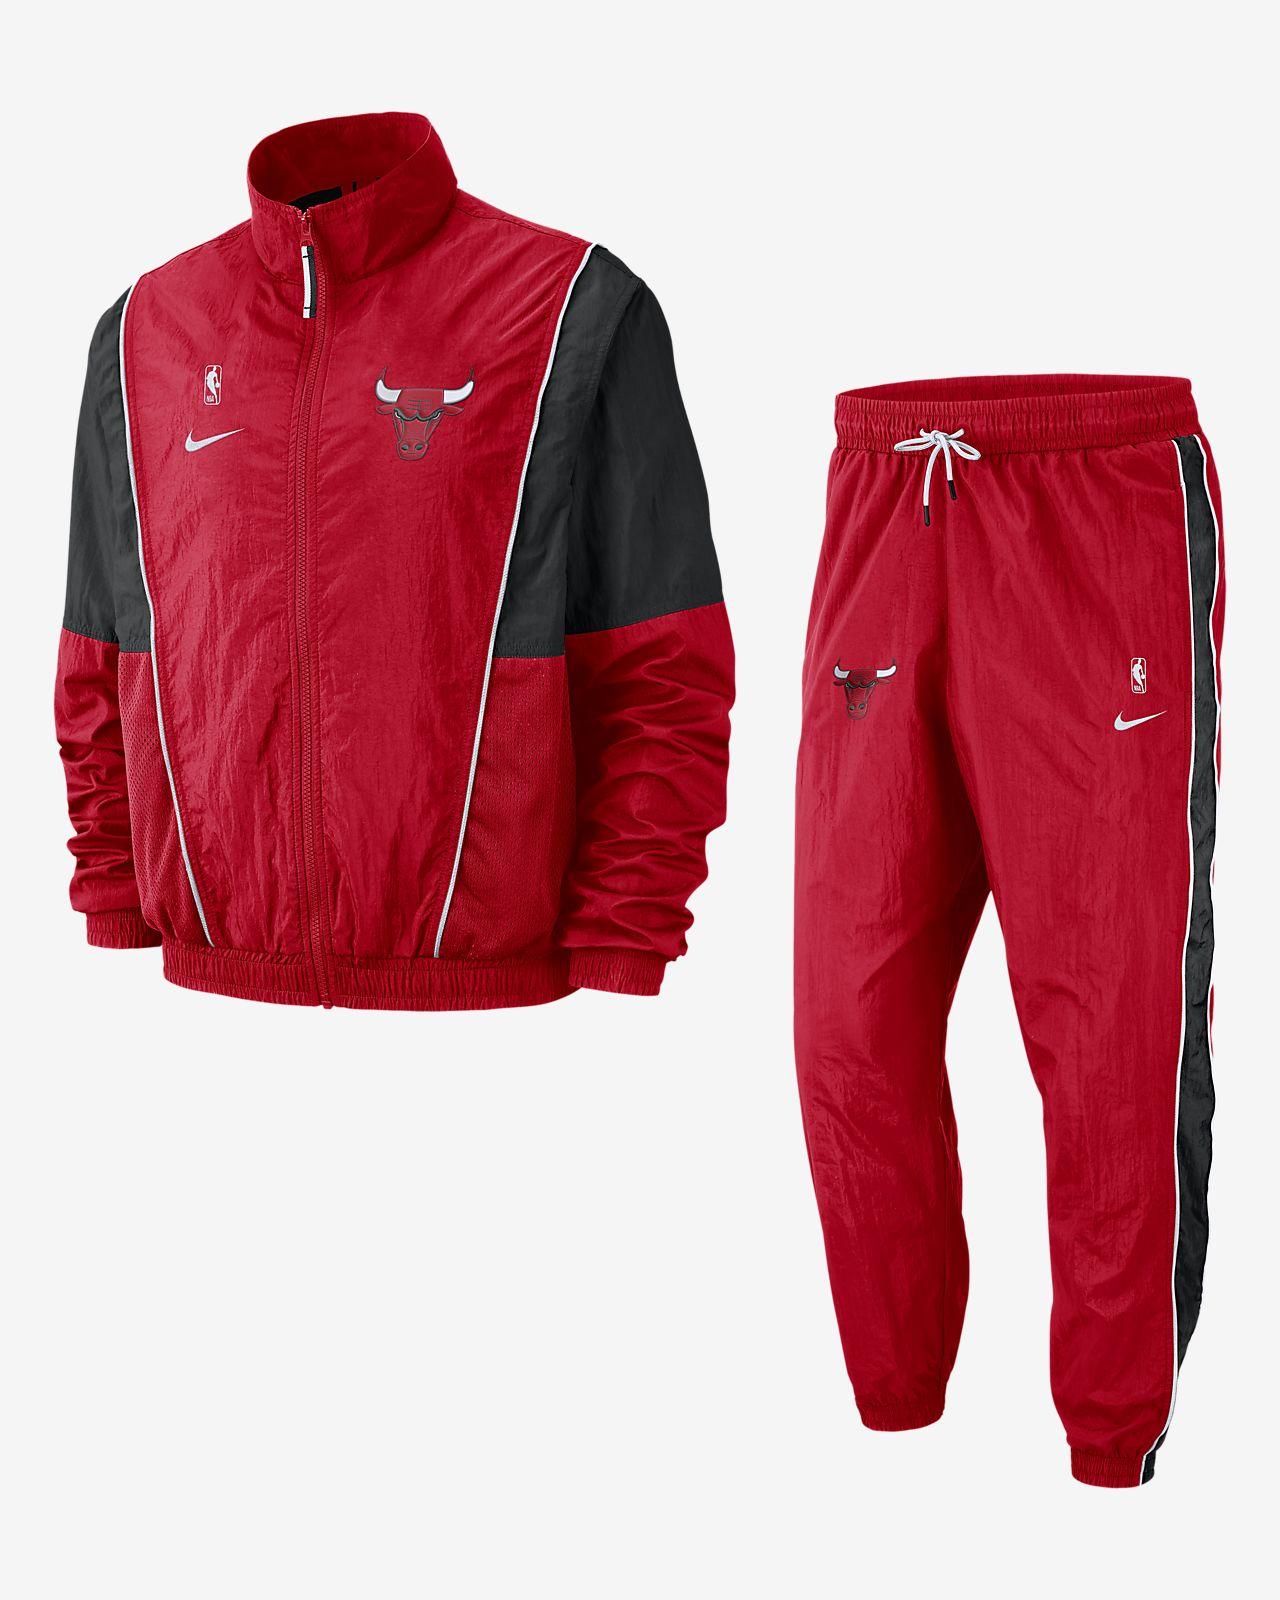 de26a7473f Fato de treino NBA Chicago Bulls Nike para homem. Nike.com PT